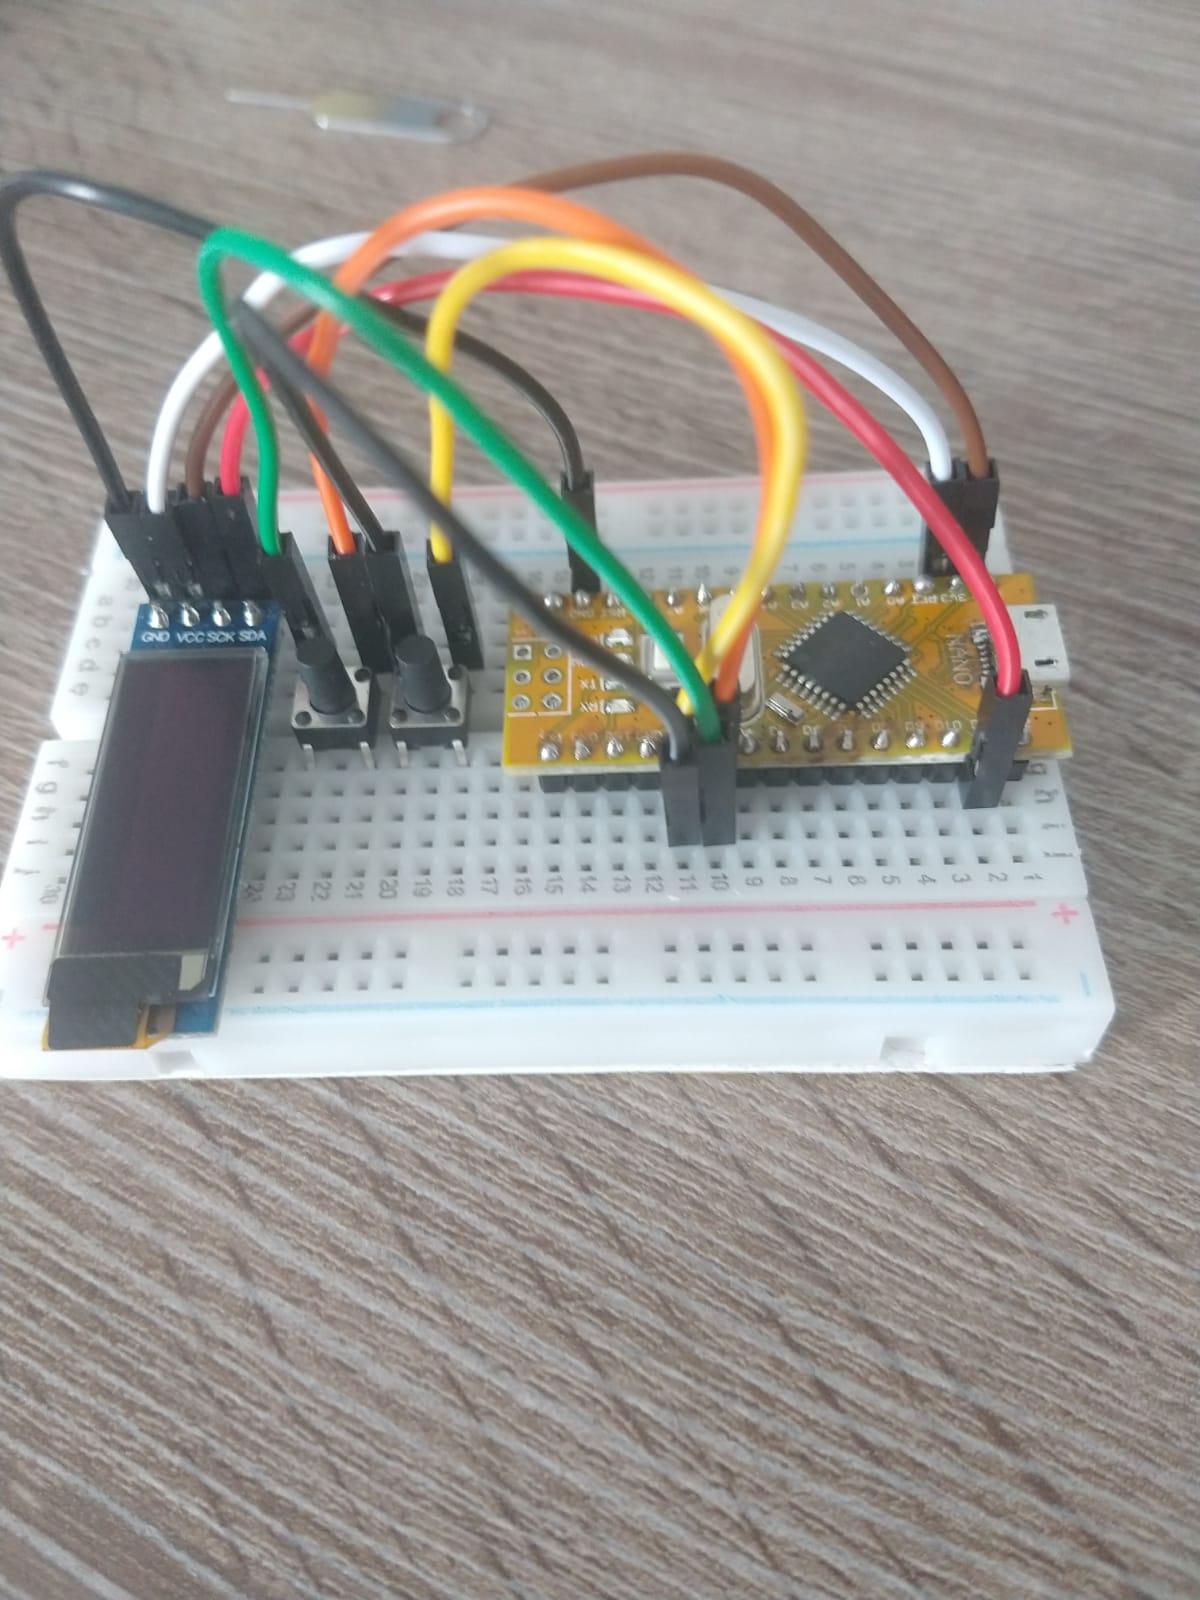 Verslag – Pong op je arduino Nano, met een Oled